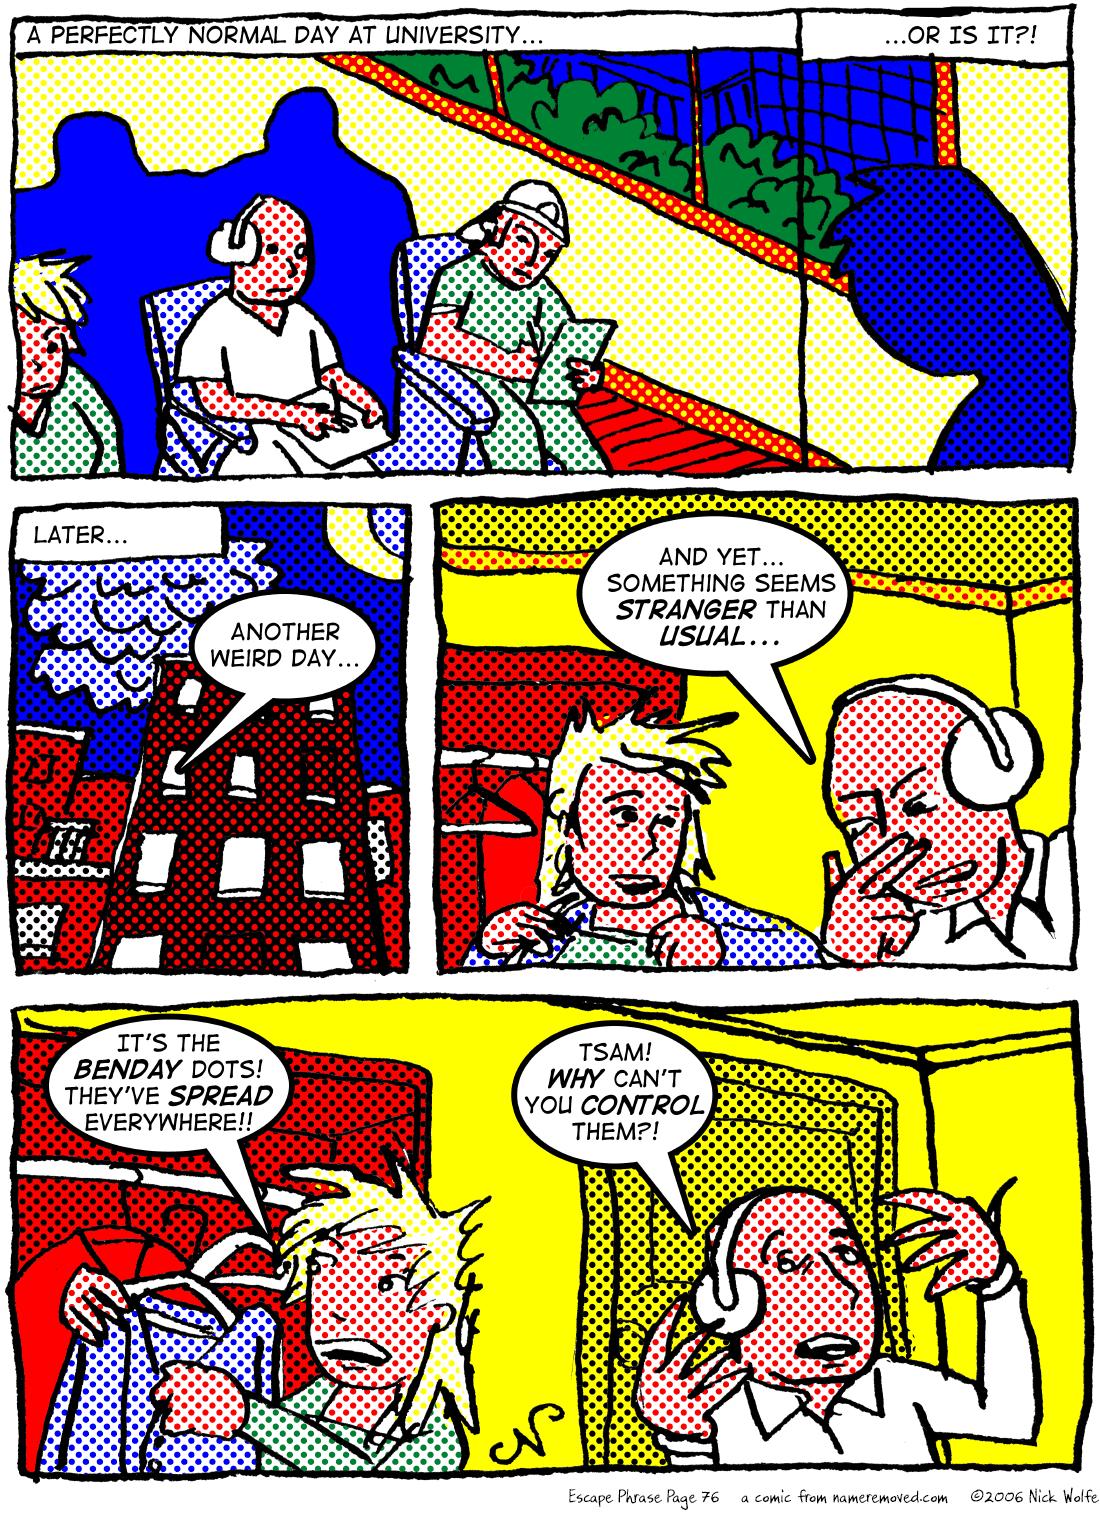 Escape Phrase 78